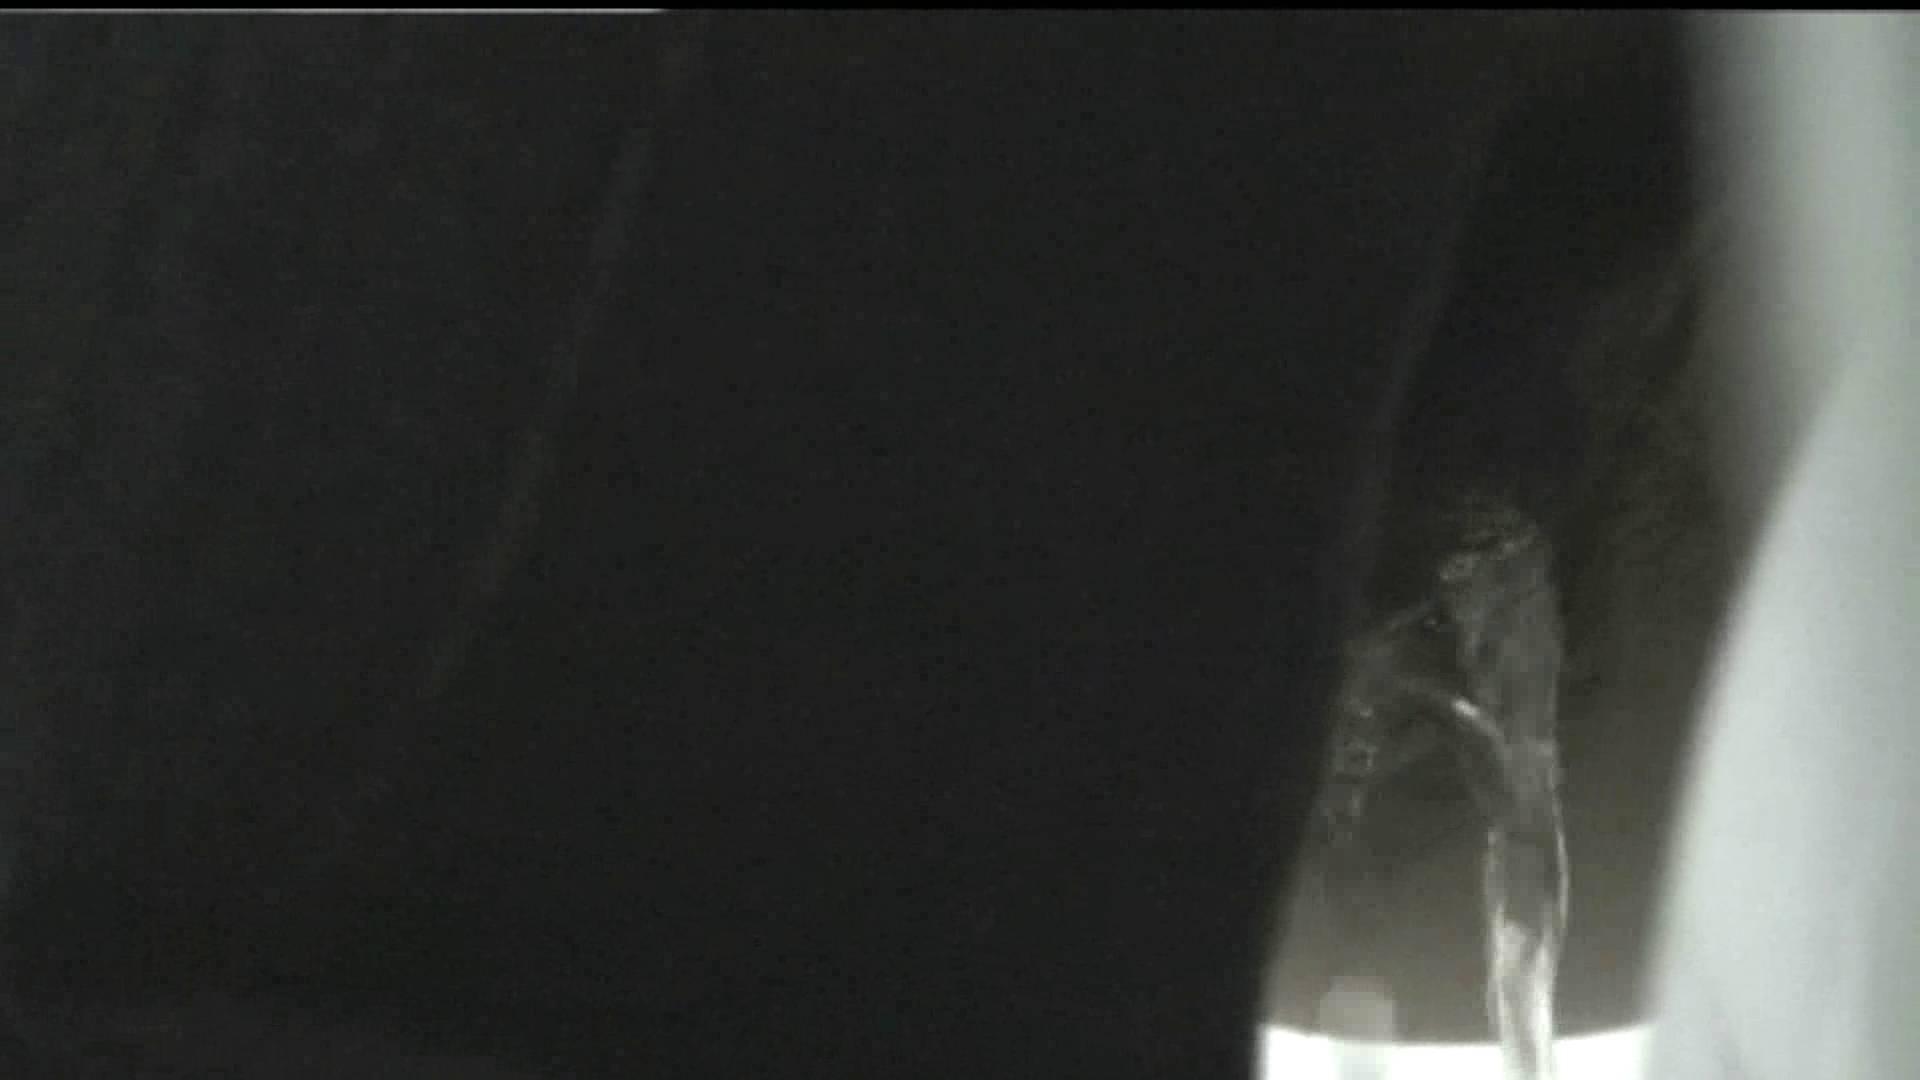 マンコ丸見え女子洗面所Vol.46 マンコ おめこ無修正動画無料 59画像 3